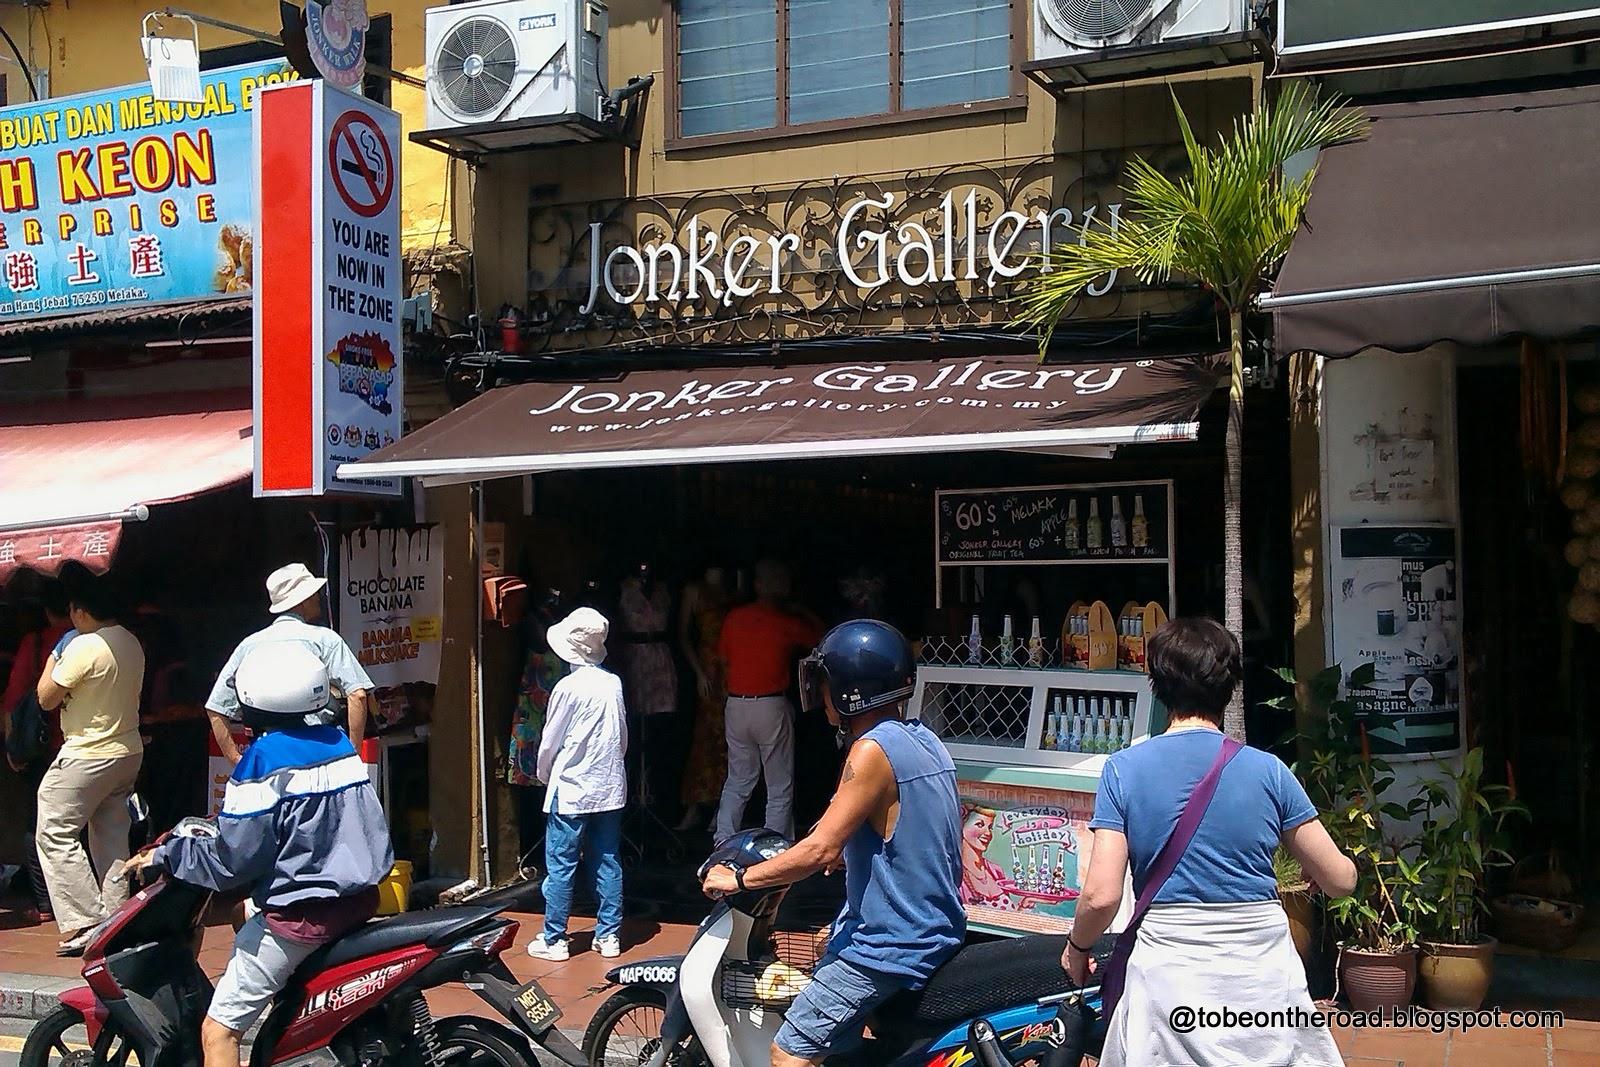 Jonker,Gallery